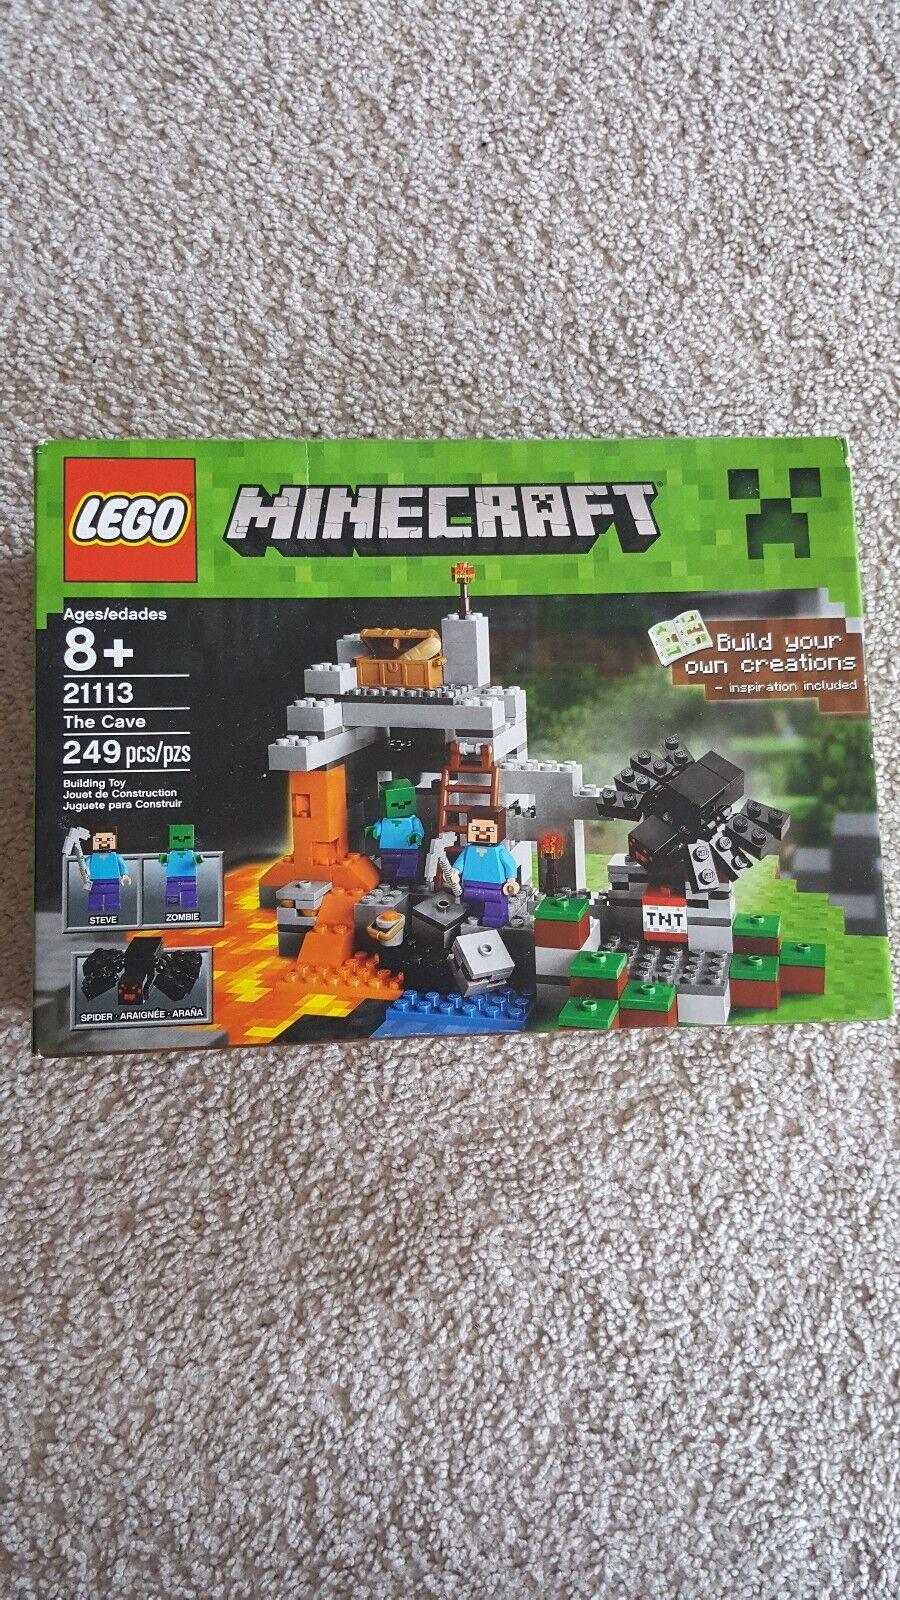 moda classica Nuovo LEGO LEGO LEGO Minecraft The Cave 21113 Playset 2 Minicifras Steve Zombie Spider giocattolo  risparmiare fino all'80%